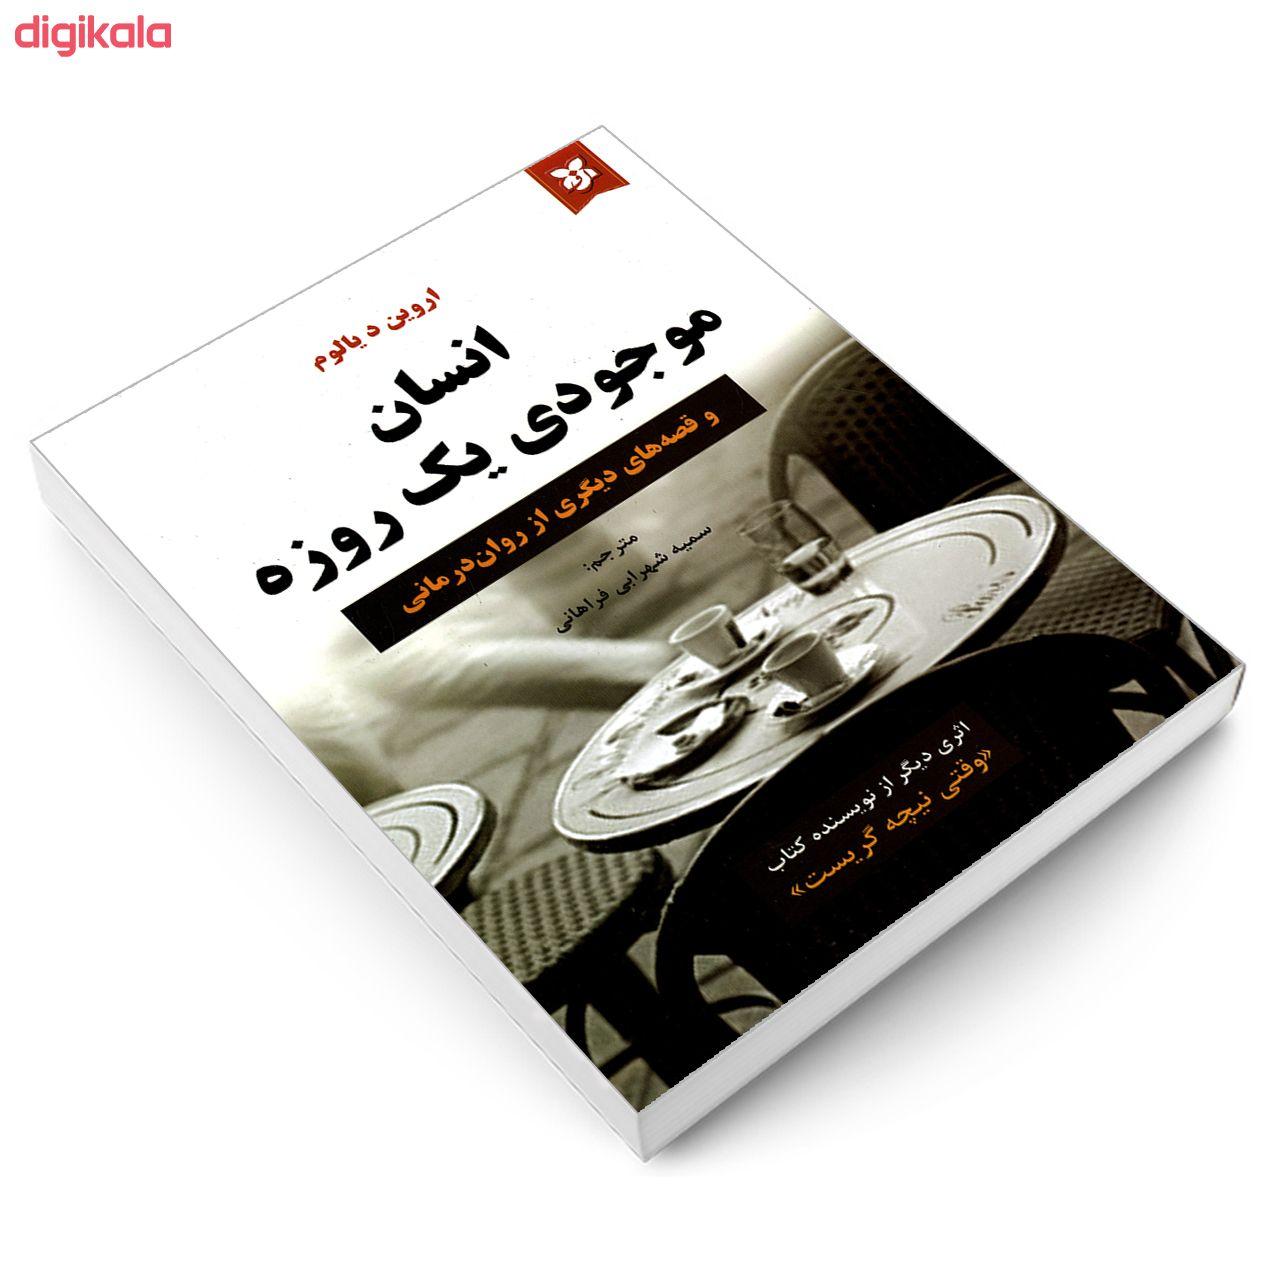 کتاب انسان موجودی یک روزه اثر اروین د یالوم انتشارات نیک فرجام  main 1 2